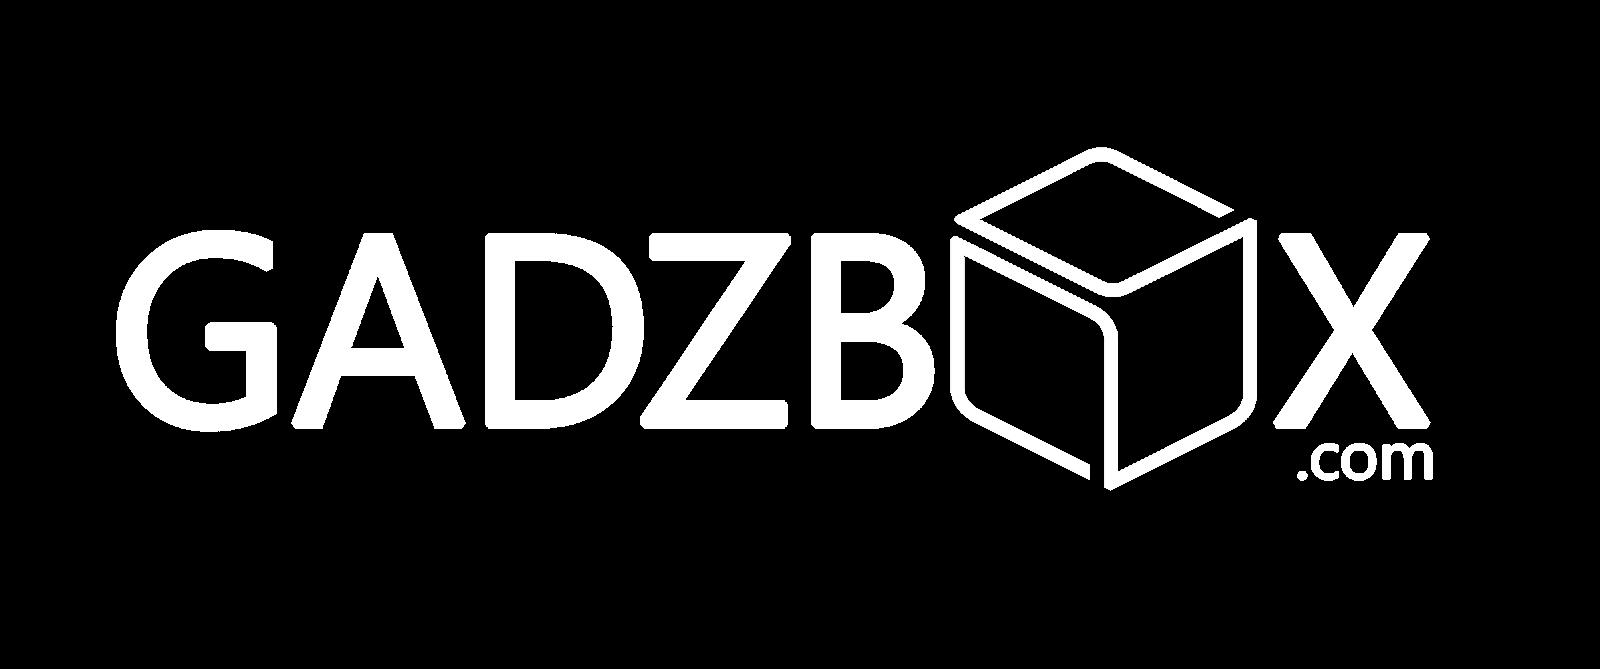 http://www.gadzbox.com/